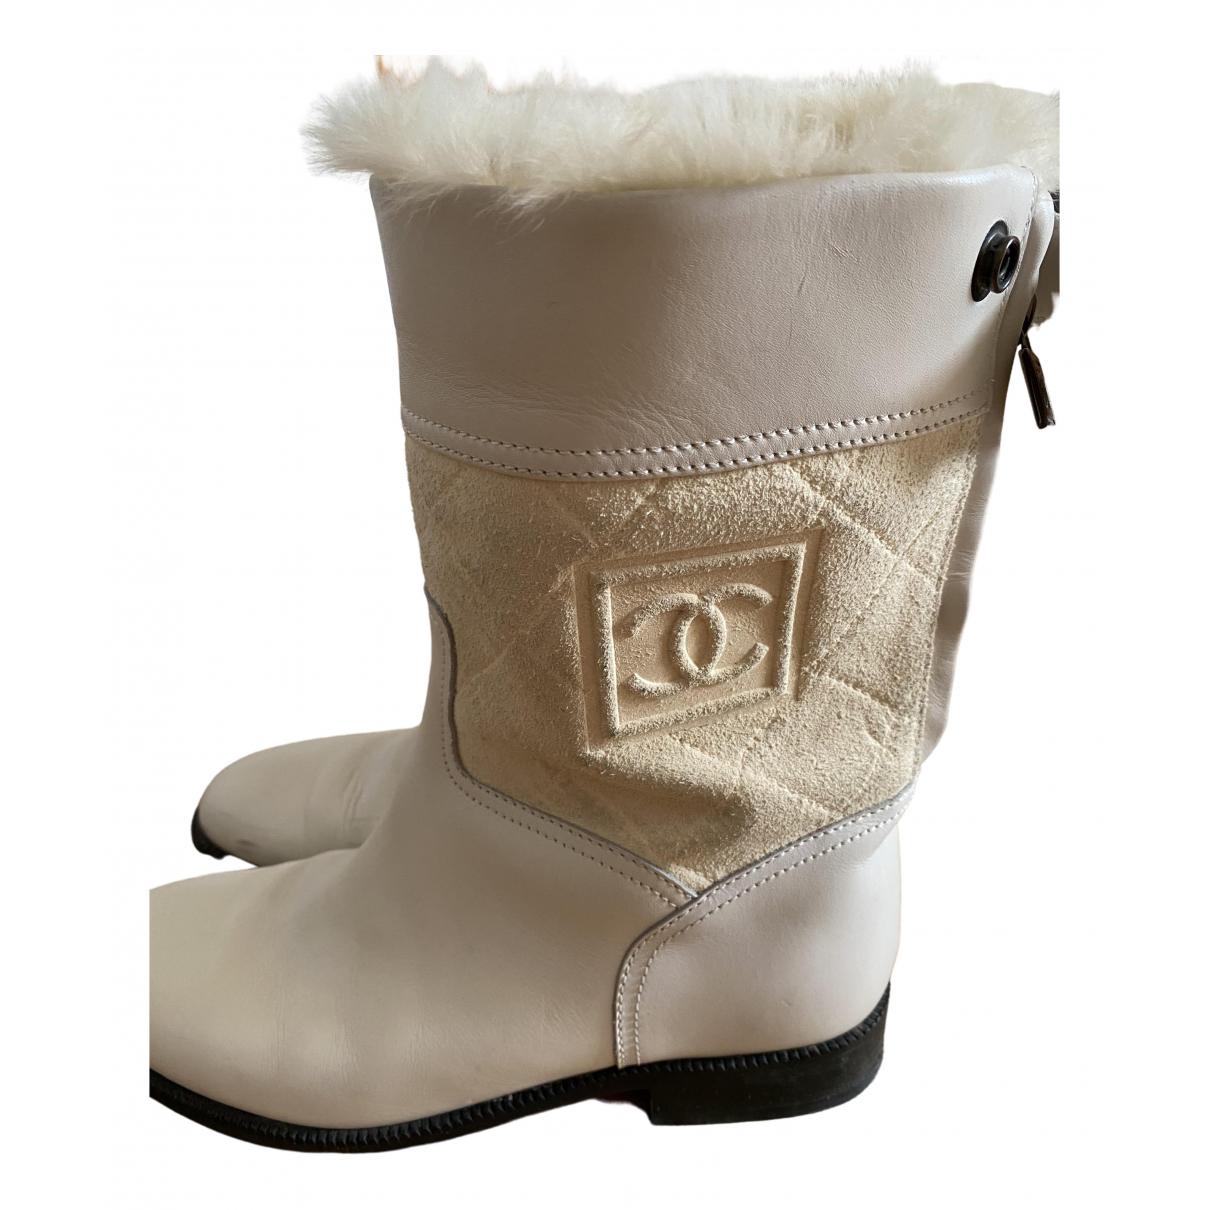 Chanel - Bottes   pour femme en cuir - blanc